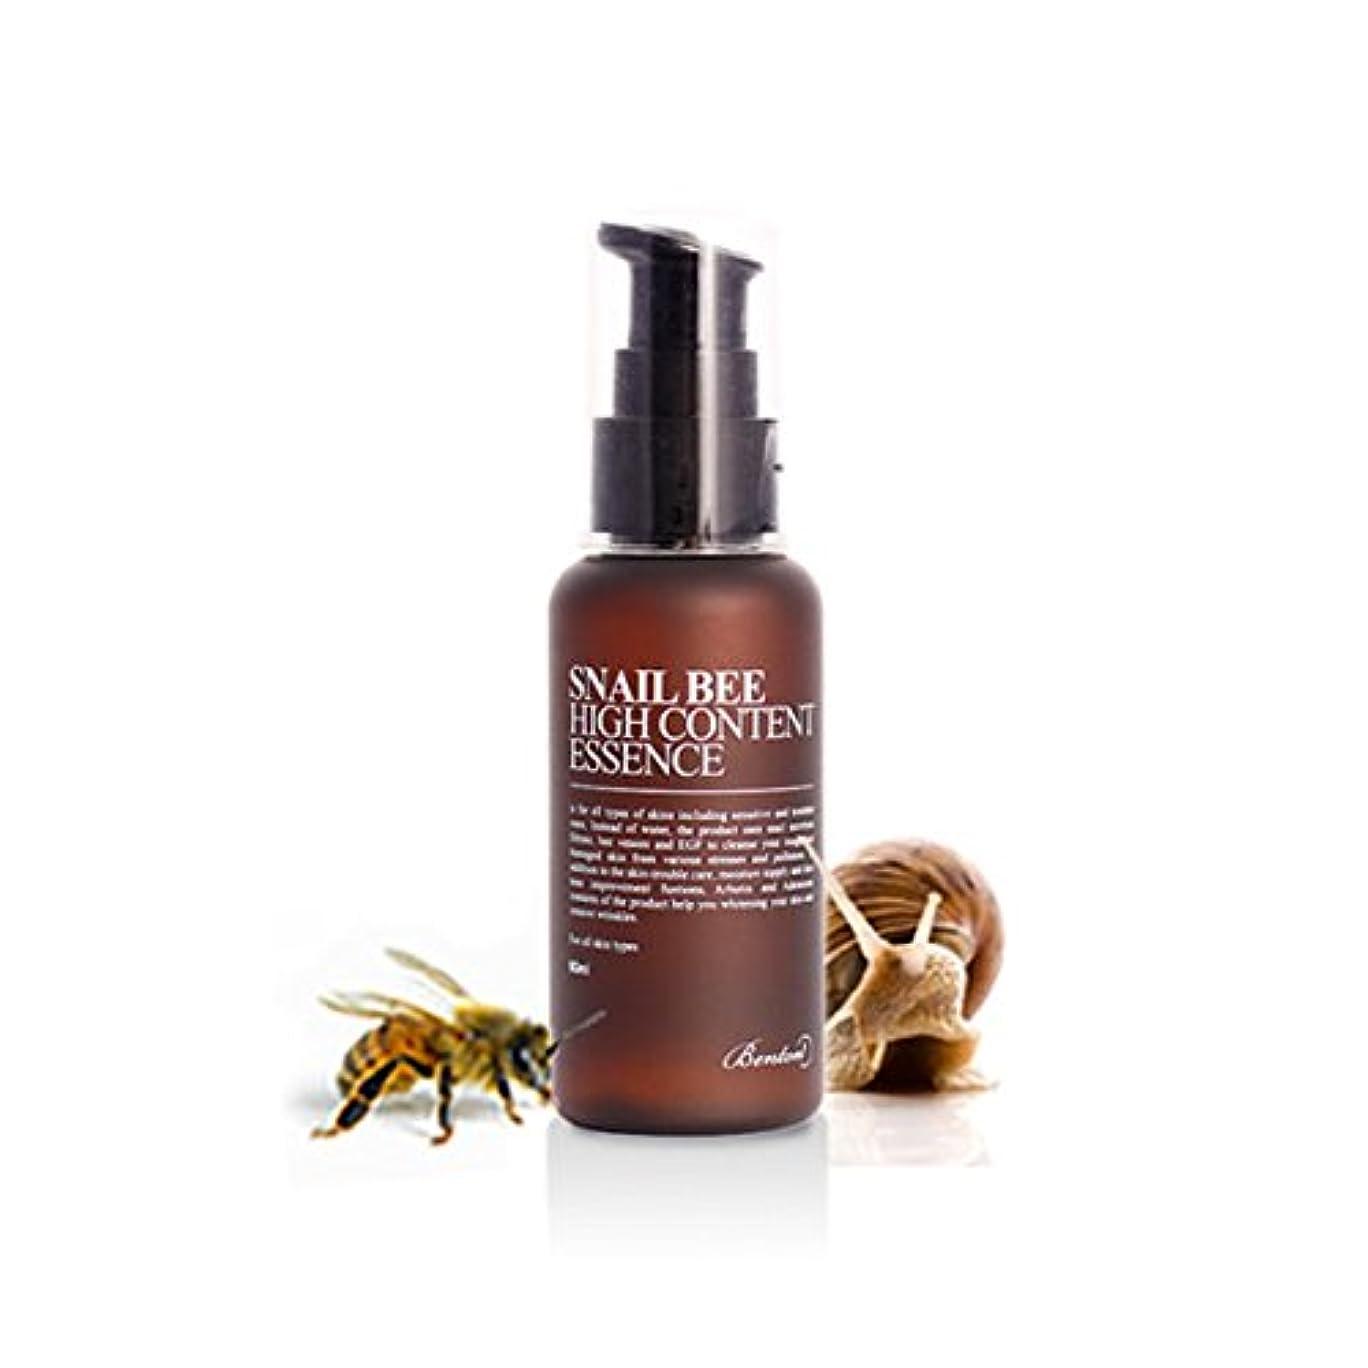 不利益欠員伝統的[ベントン] Benton カタツムリ蜂ハイコンテンツエッセンス Snail Bee High Content Essence 60ml [並行輸入品]